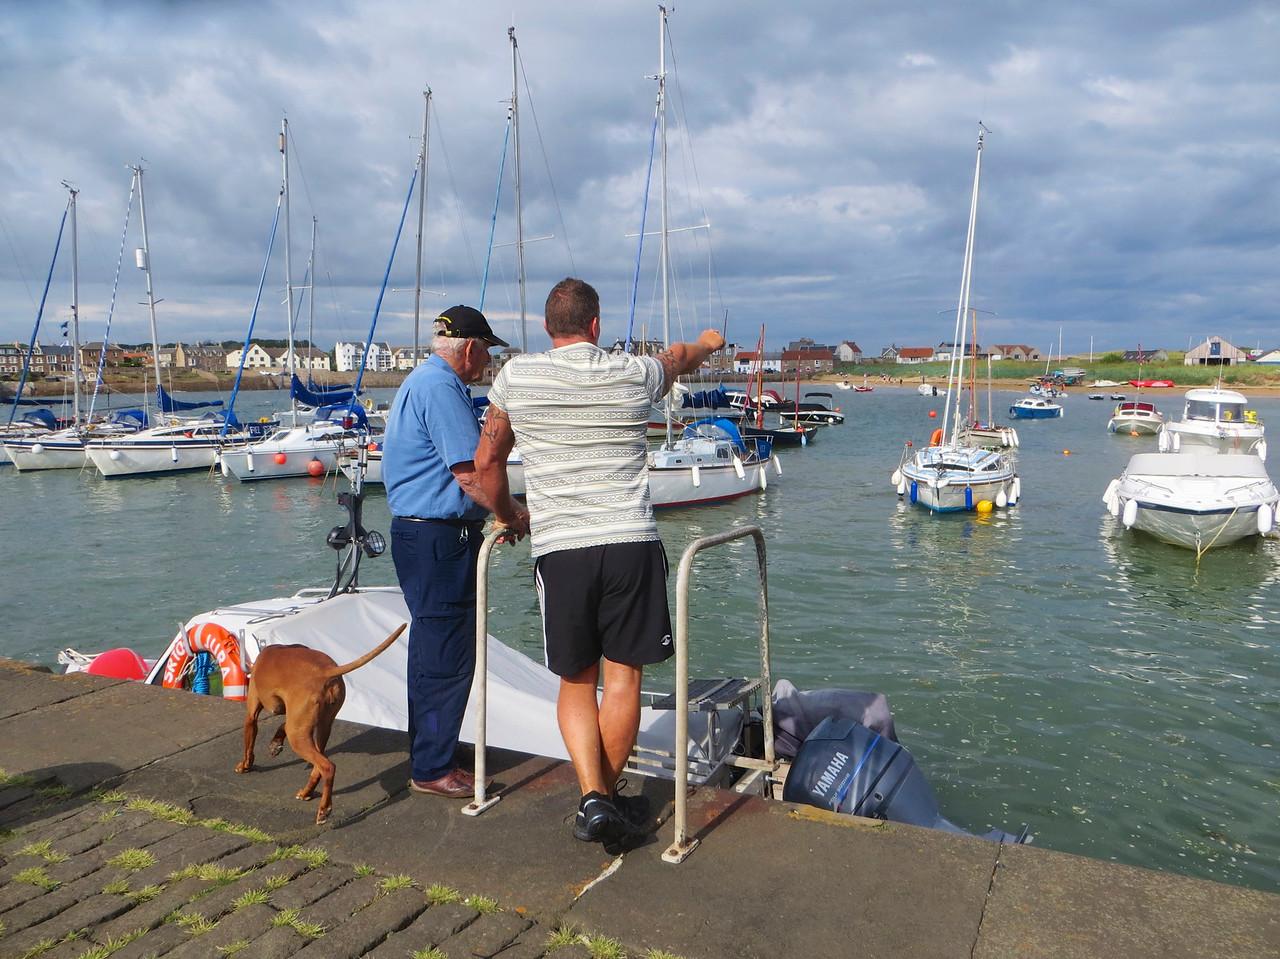 Fife Coast Elie July 2014